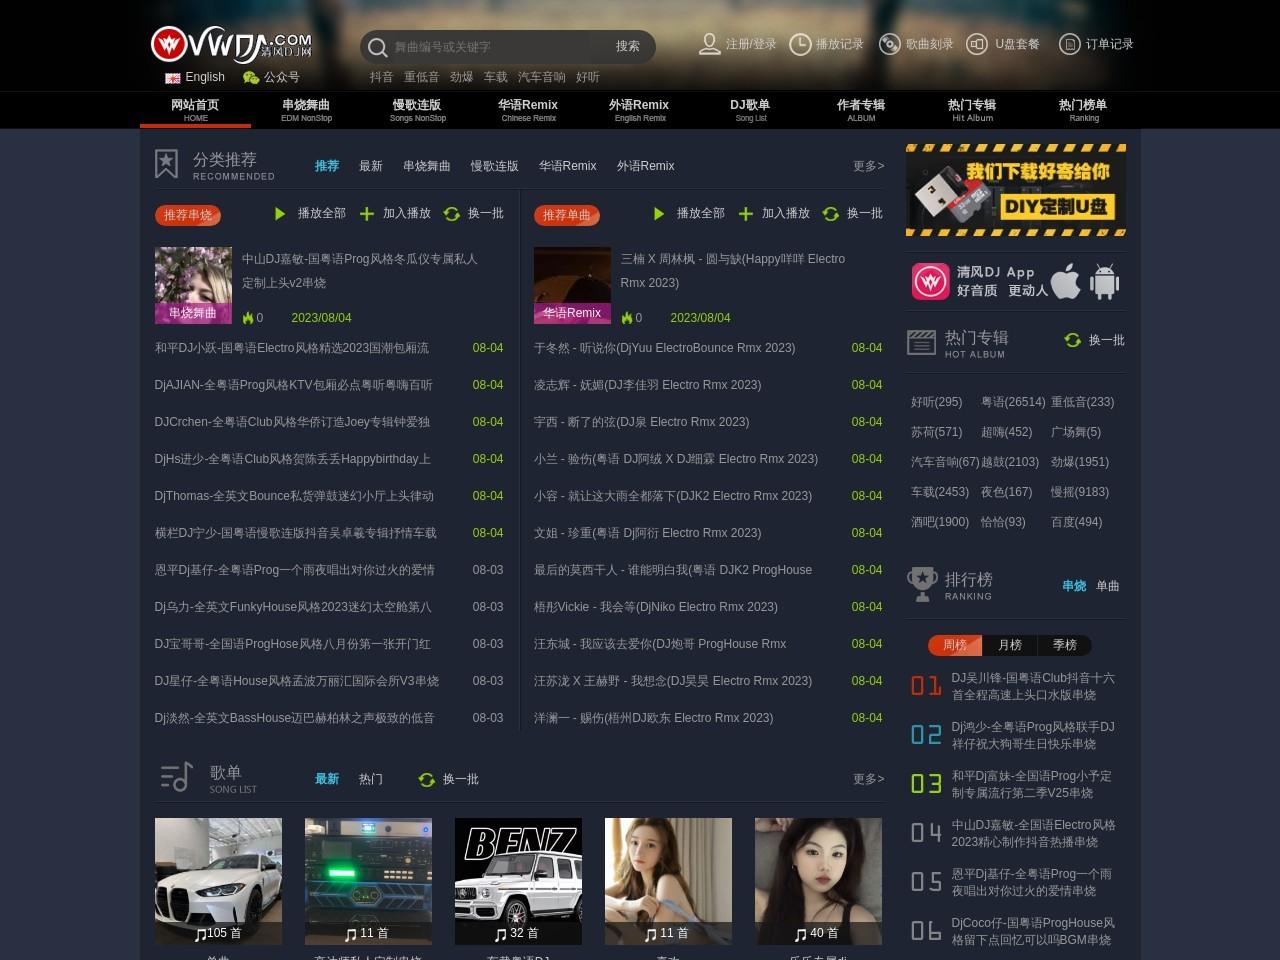 清风DJ音乐网移动版